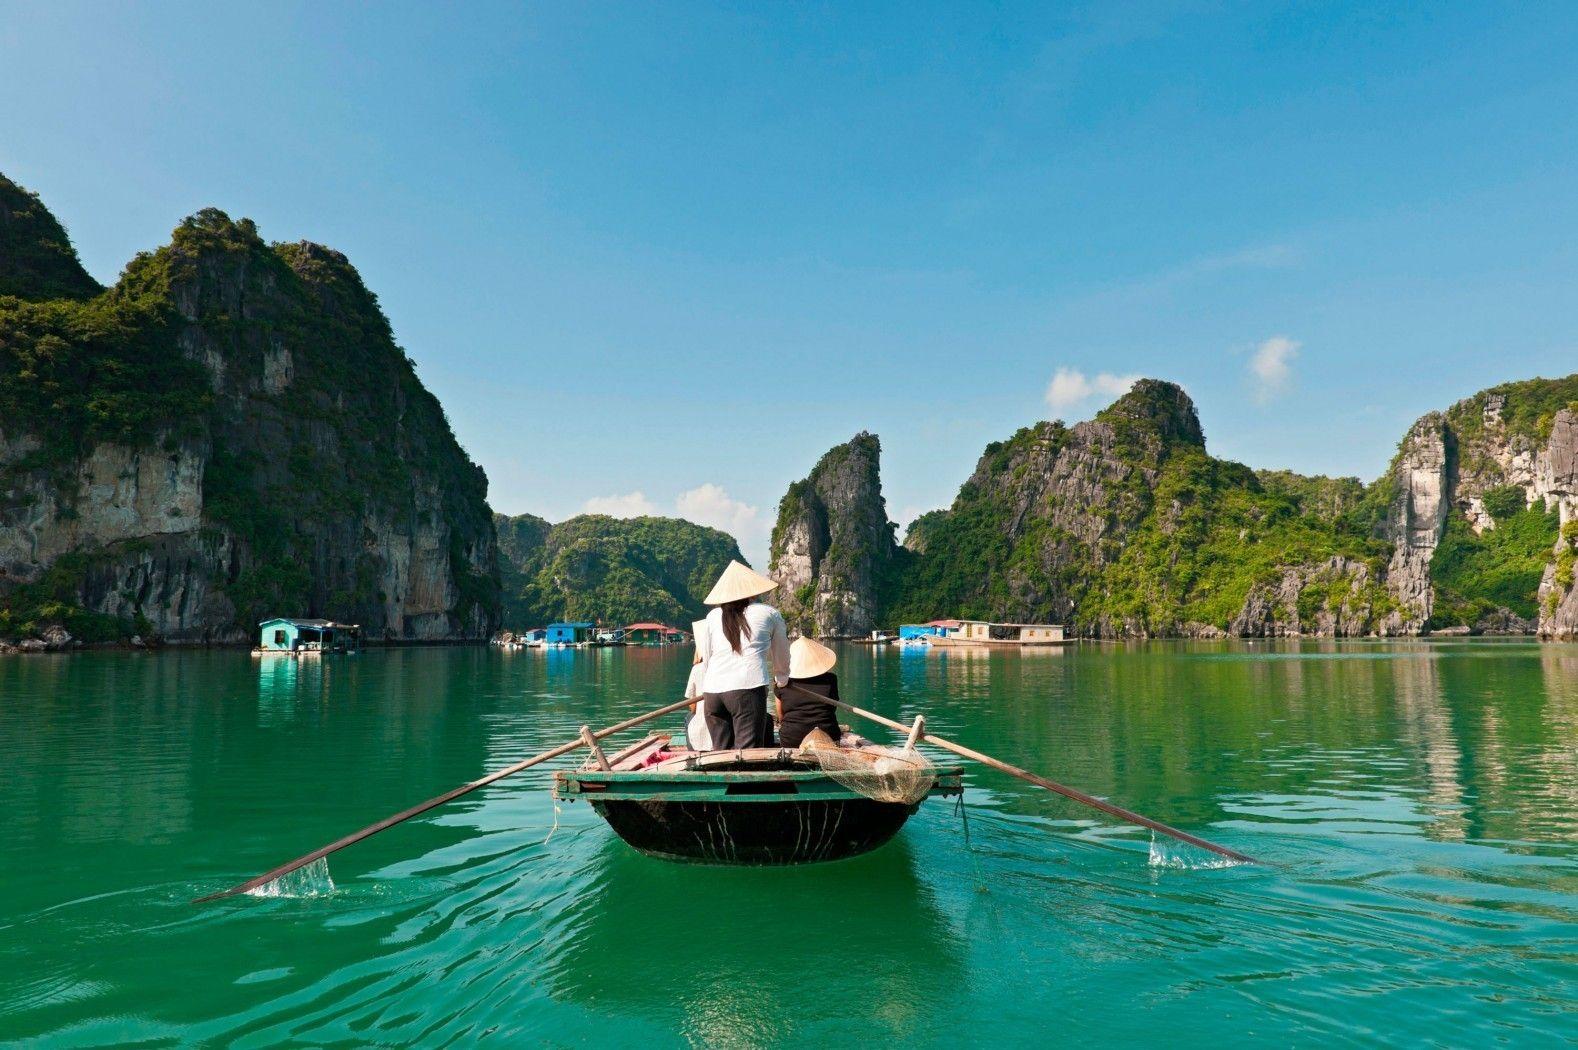 привезли полярного, фотографии с отдыха во вьетнаме одно